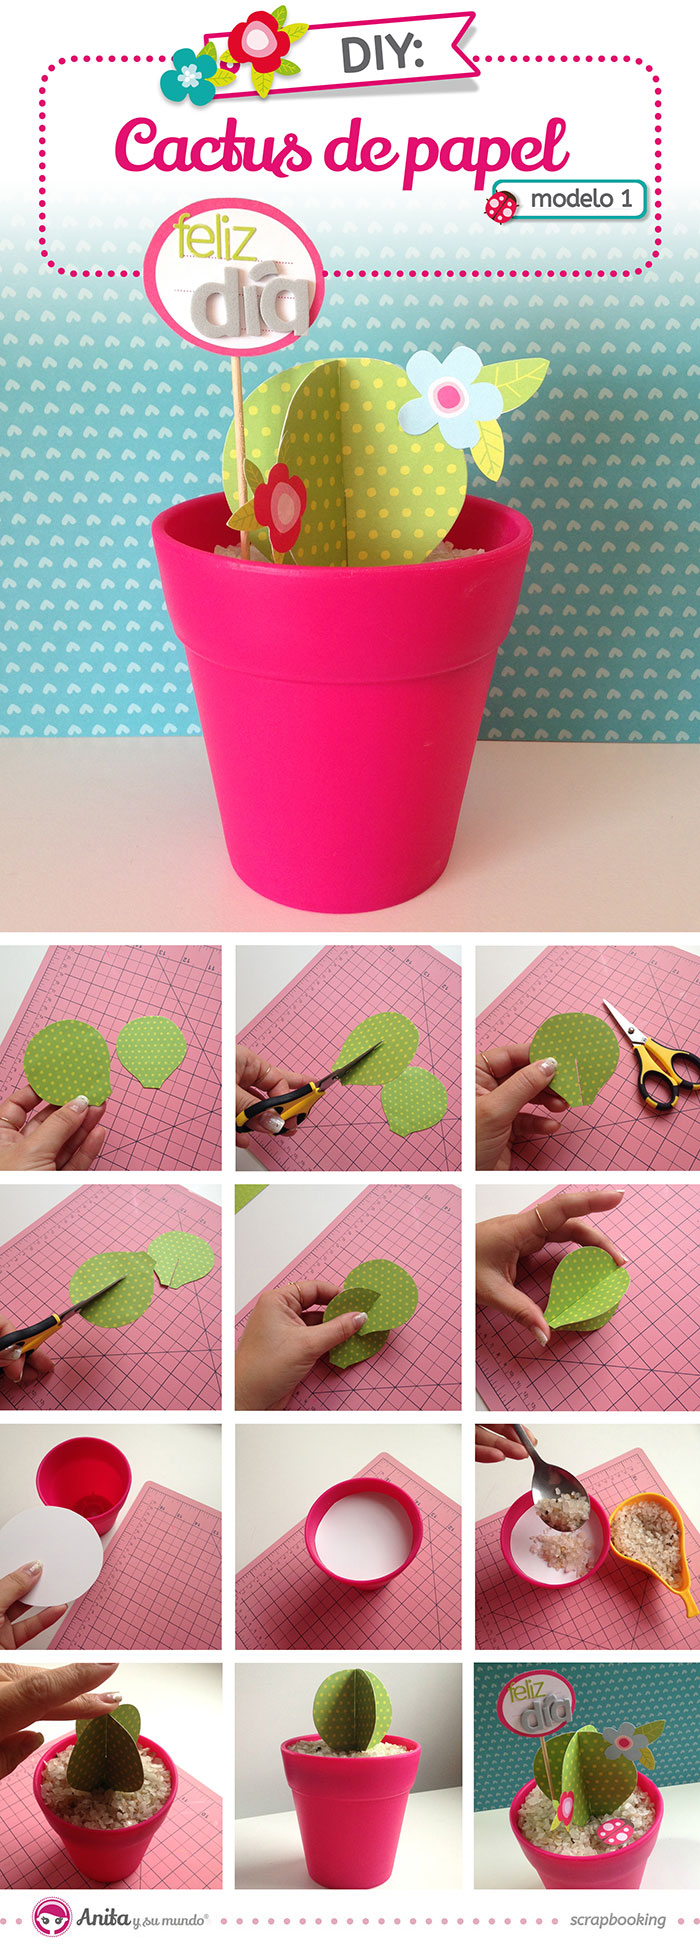 cactus-de-papel-anita-y-su-mundo